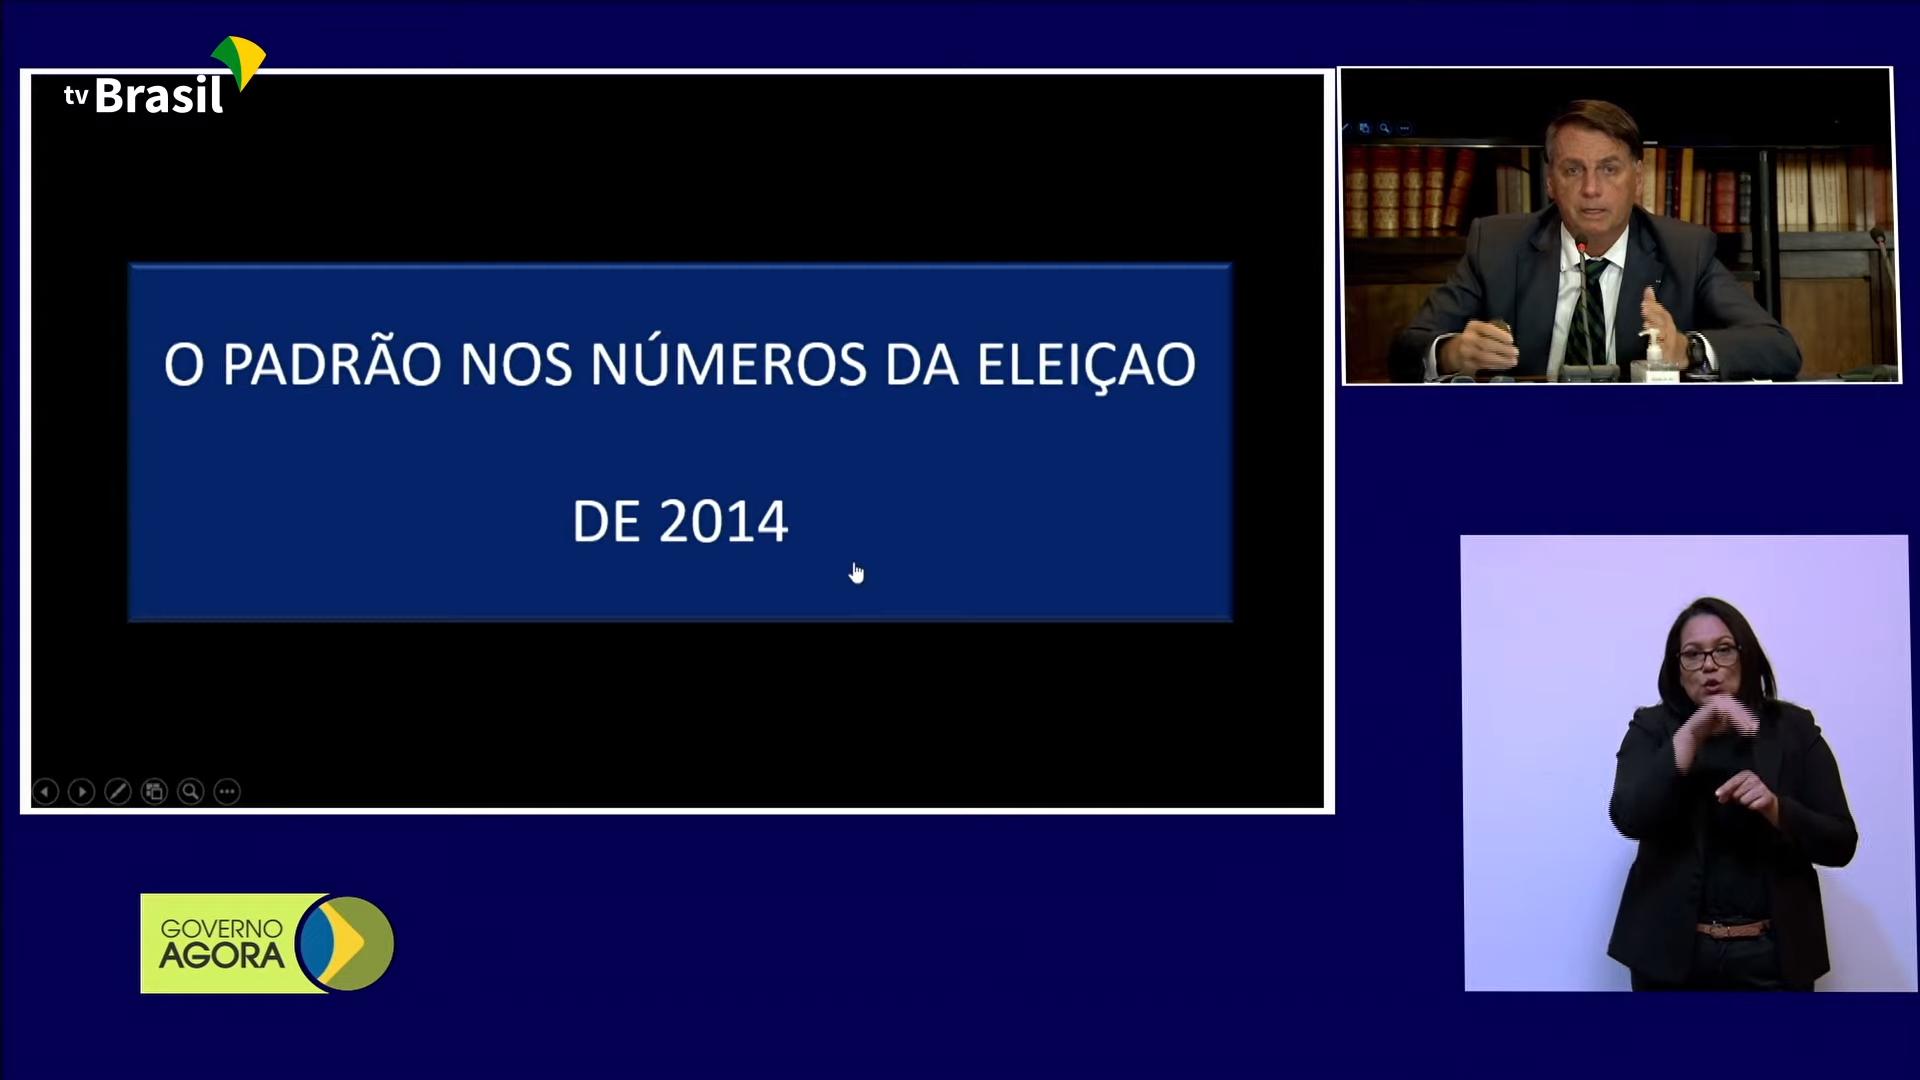 IMAGEM: Bolsonaro mente na TV Brasil ao dizer que eleição de Dilma e Aécio teve 'padrão' suspeito